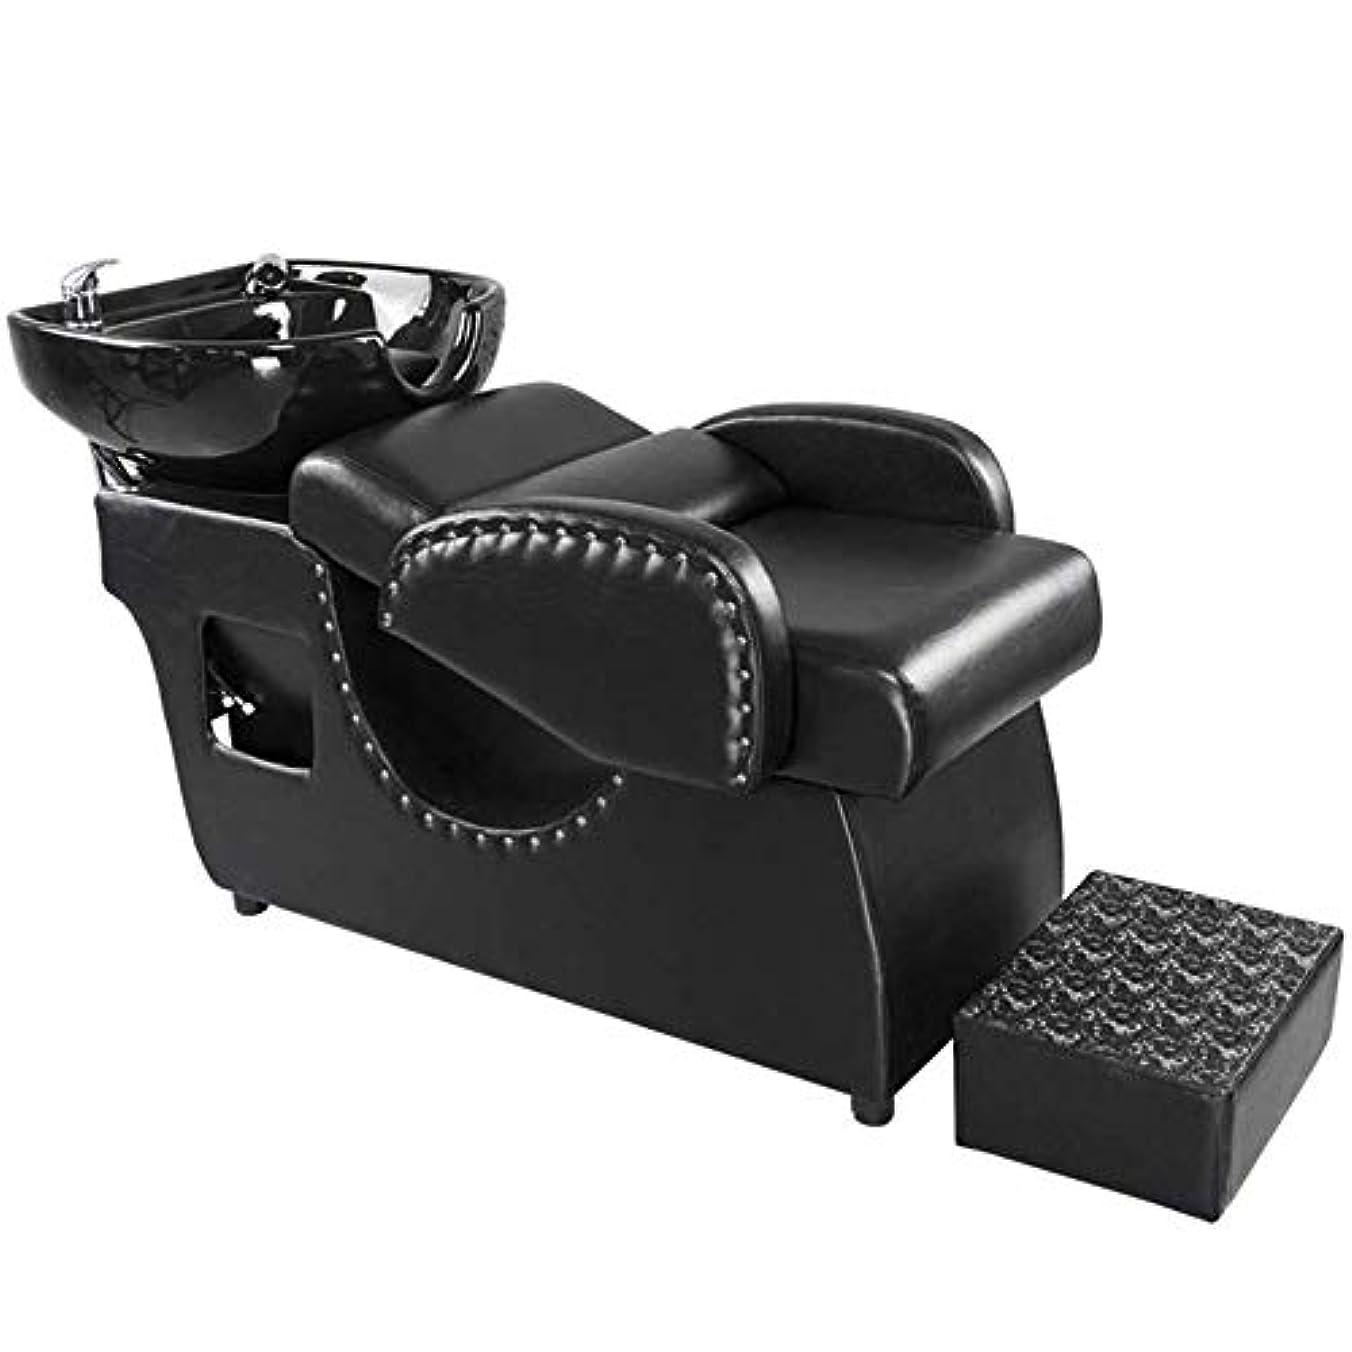 分岐する取り出すに対処するシャンプー理容室逆洗椅子、鉱泉の美容院のための陶磁器の洗面器の洗い流すベッドのシャンプーの流しの椅子